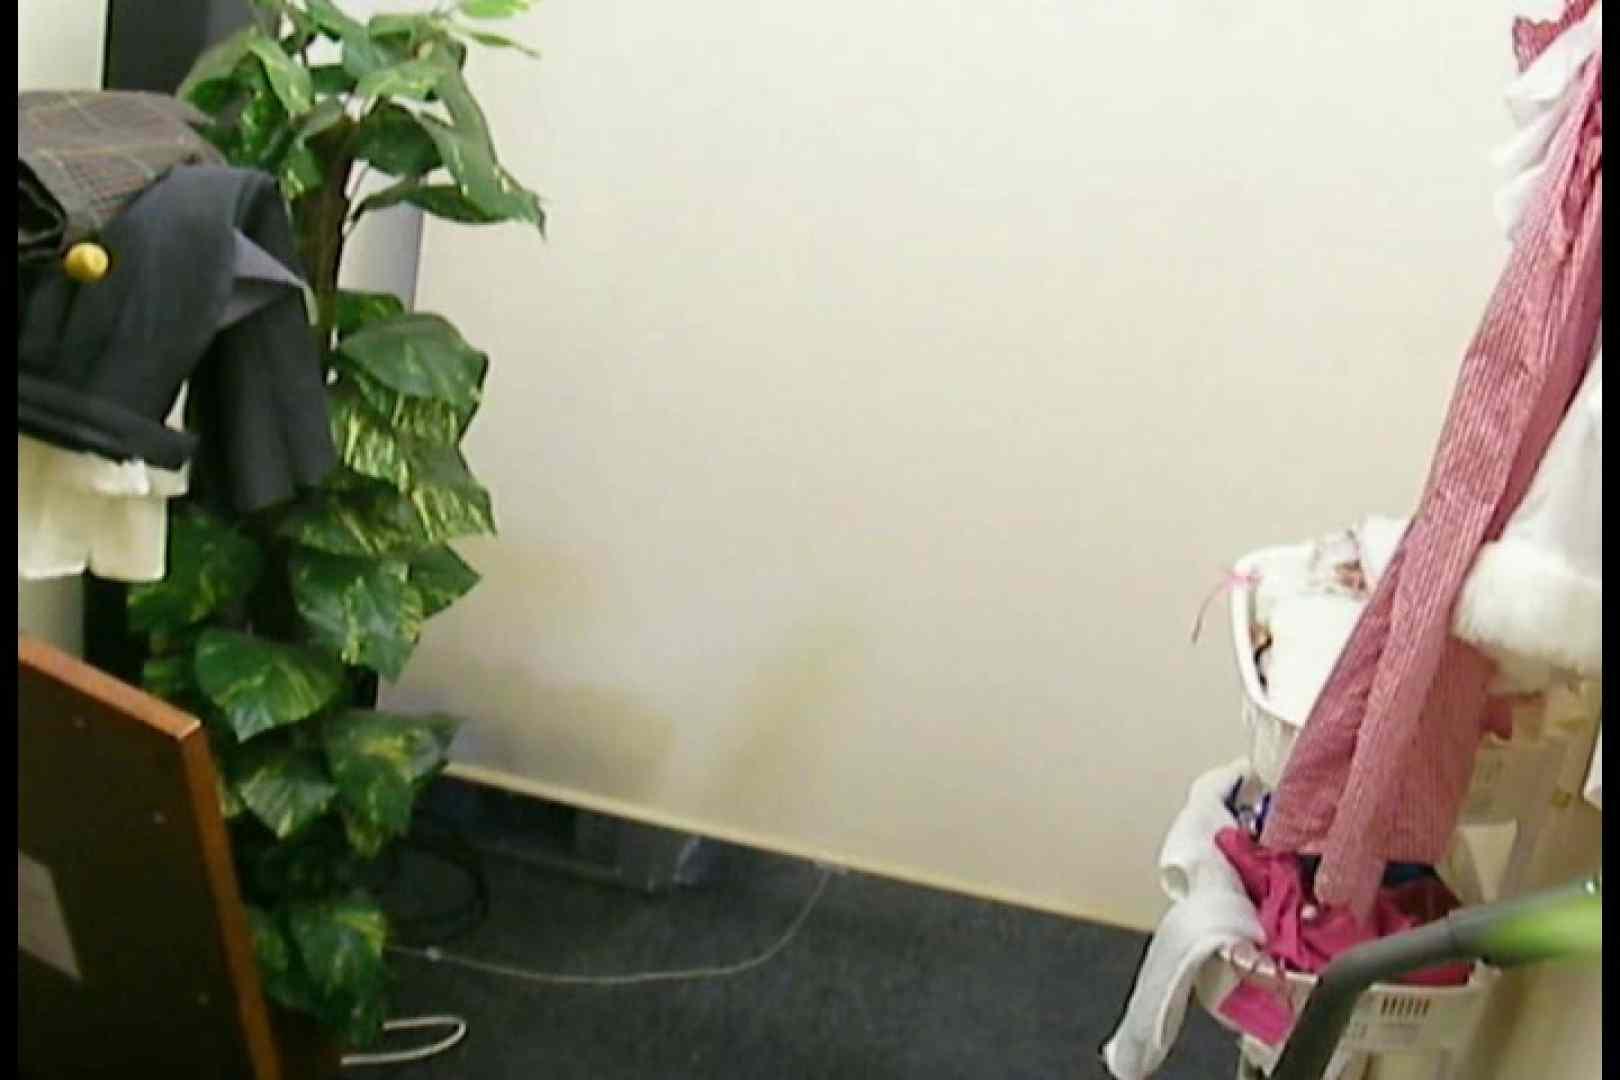 素人撮影 下着だけの撮影のはずが・・・仮名ゆき22歳 隠撮 女性器鑑賞 73pic 32